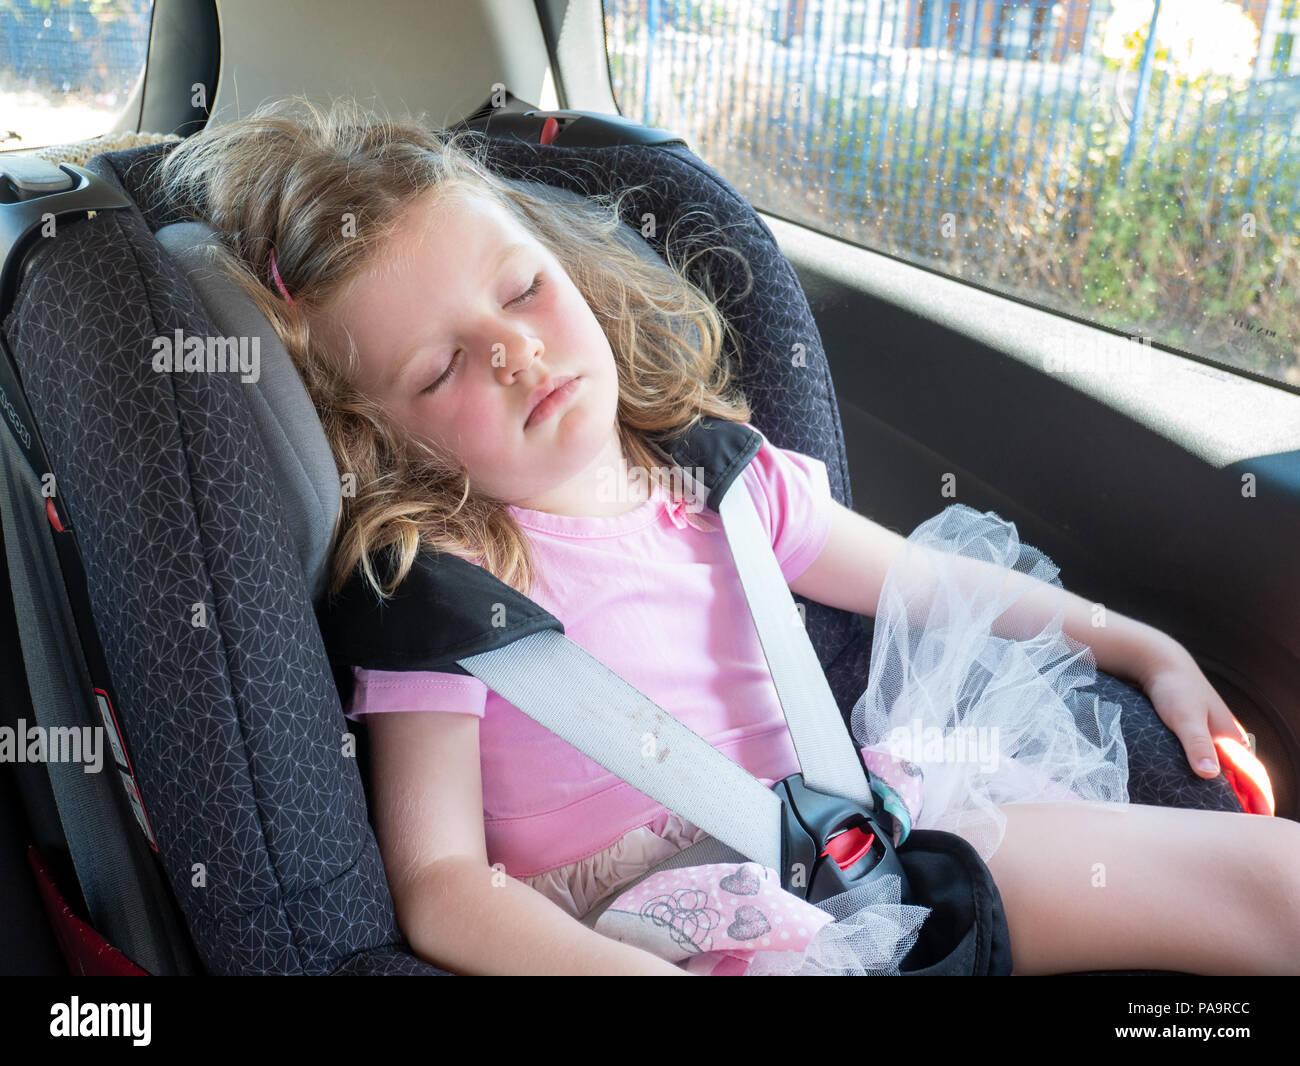 Drei Jahre altes Kind schlafen in Ihrem Auto Sitz, Großbritannien Stockfoto